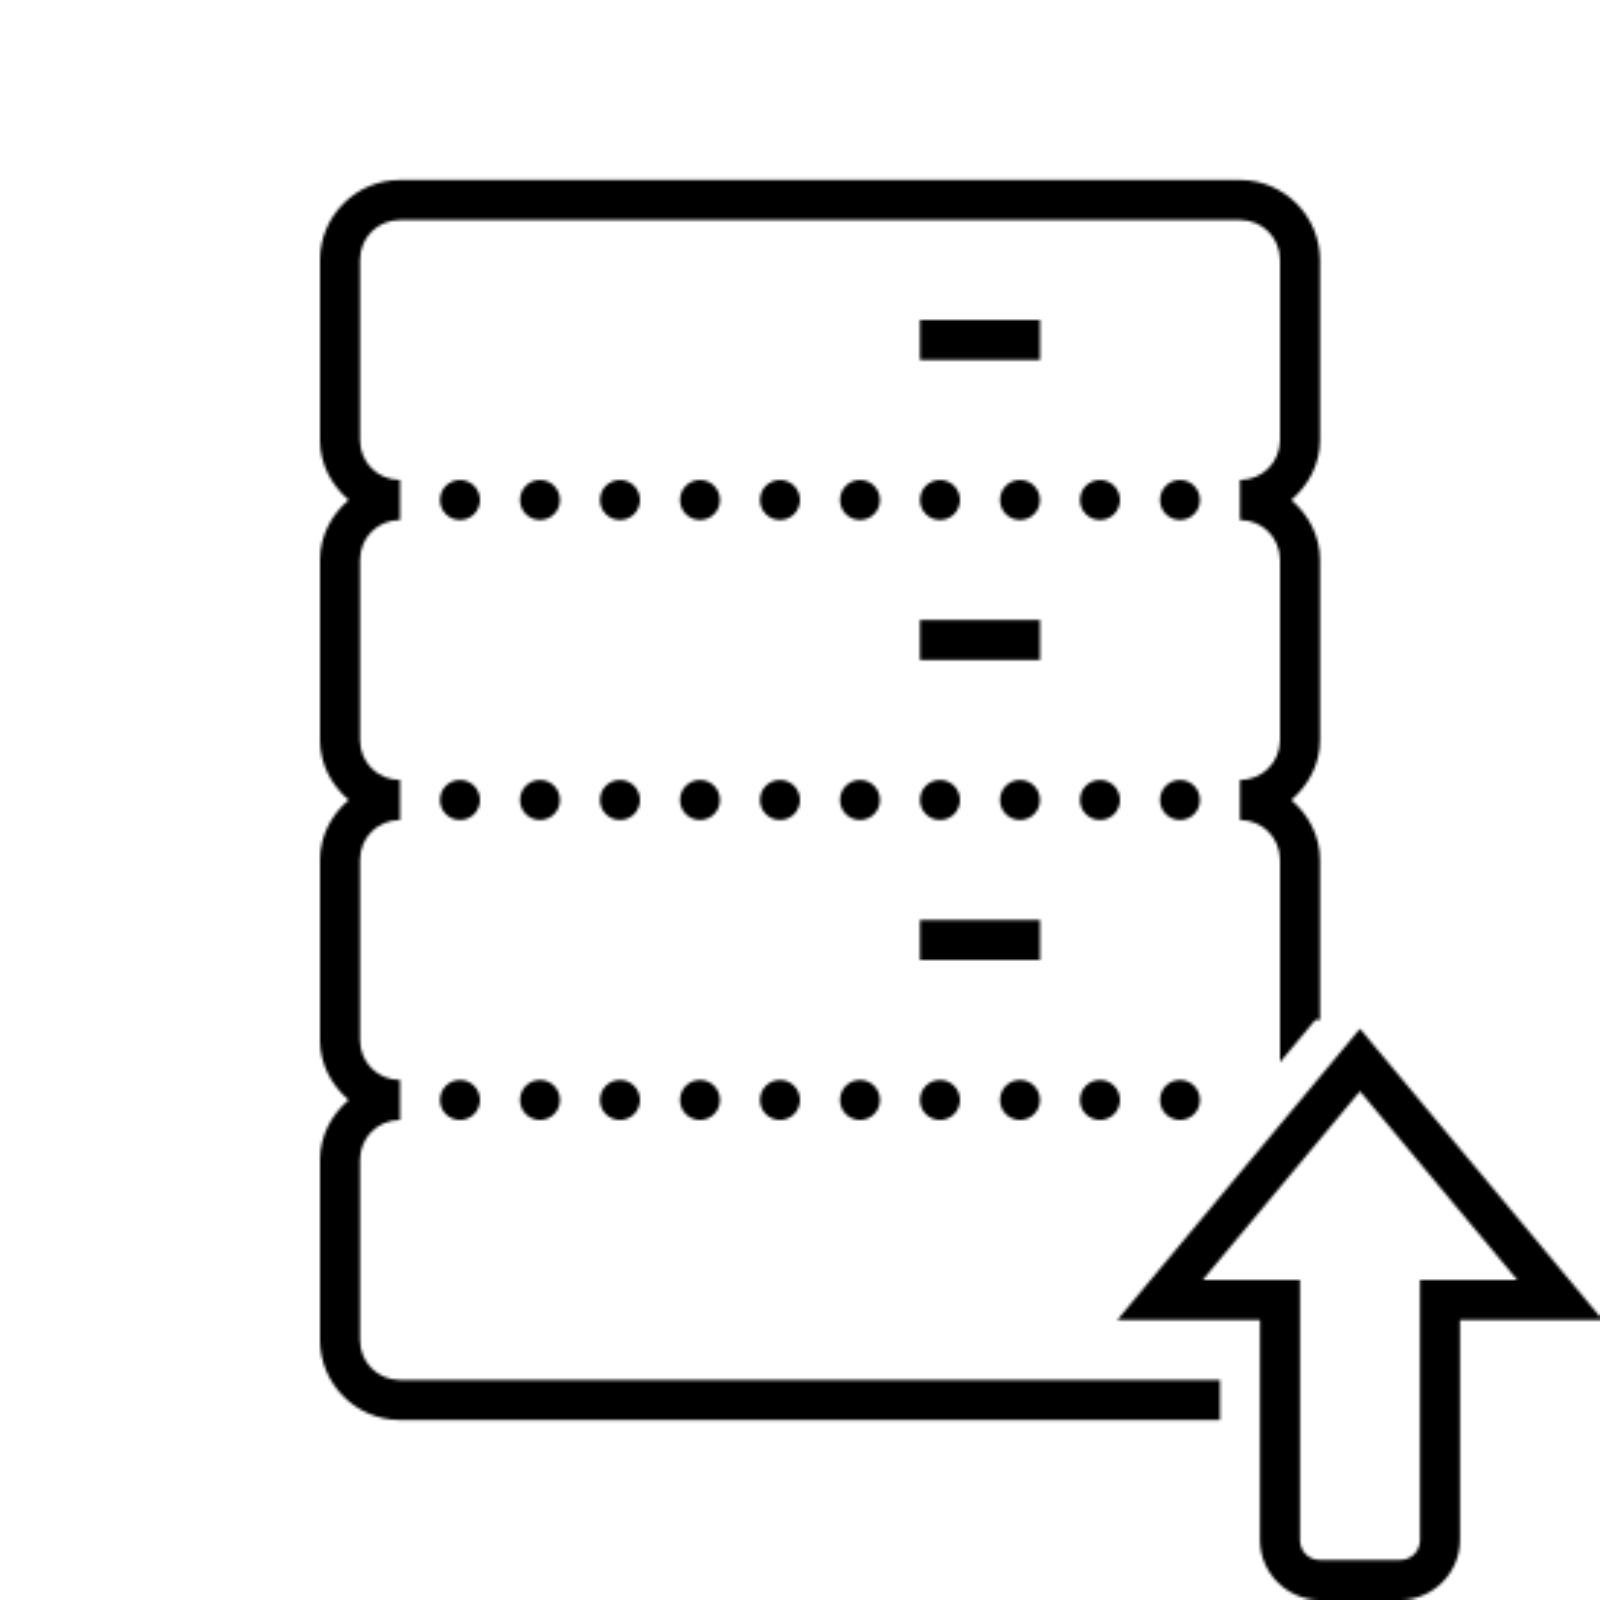 Przywracanie bazy danych icon